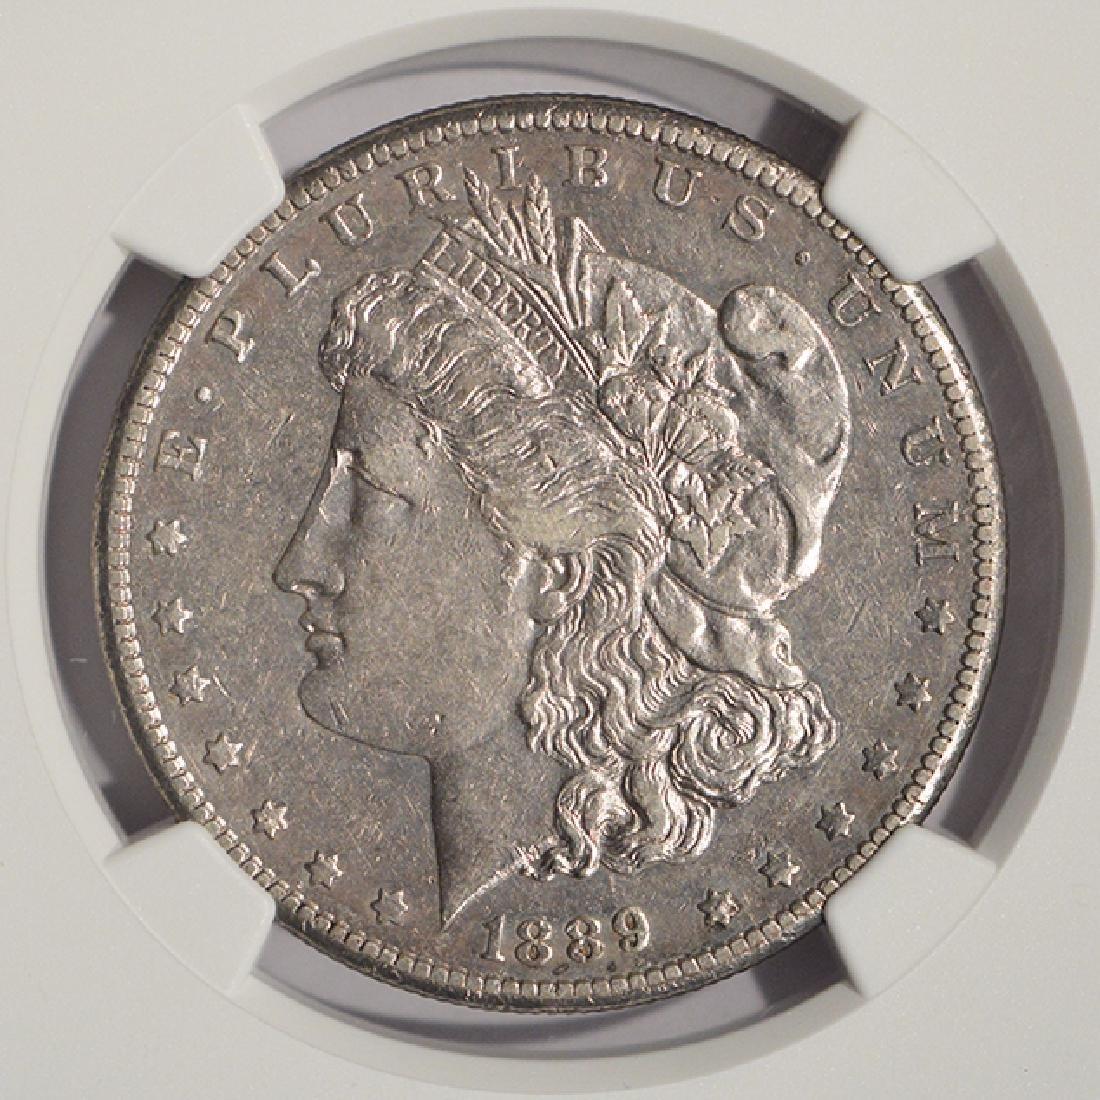 1889-CC $1 Morgan Silver Dollar Coin NGC XF45 - 3